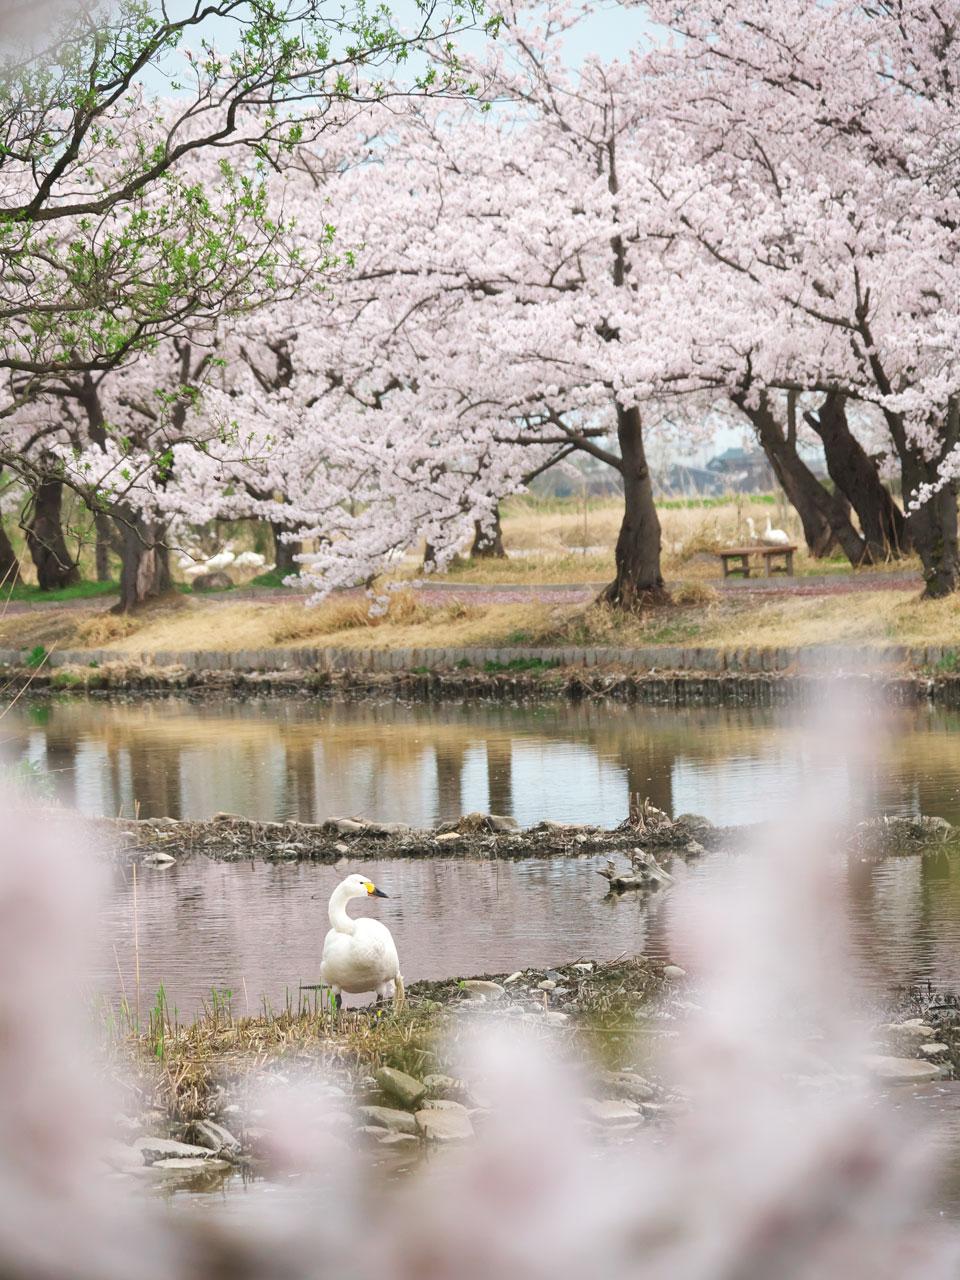 瓢湖の桜と白鳥:LUMIX DMC-G99+LEICA DG VARIO-ELMAR 100-400mm/F4.0-6.3 ASPH./POWER O.I.S. H-RS100400